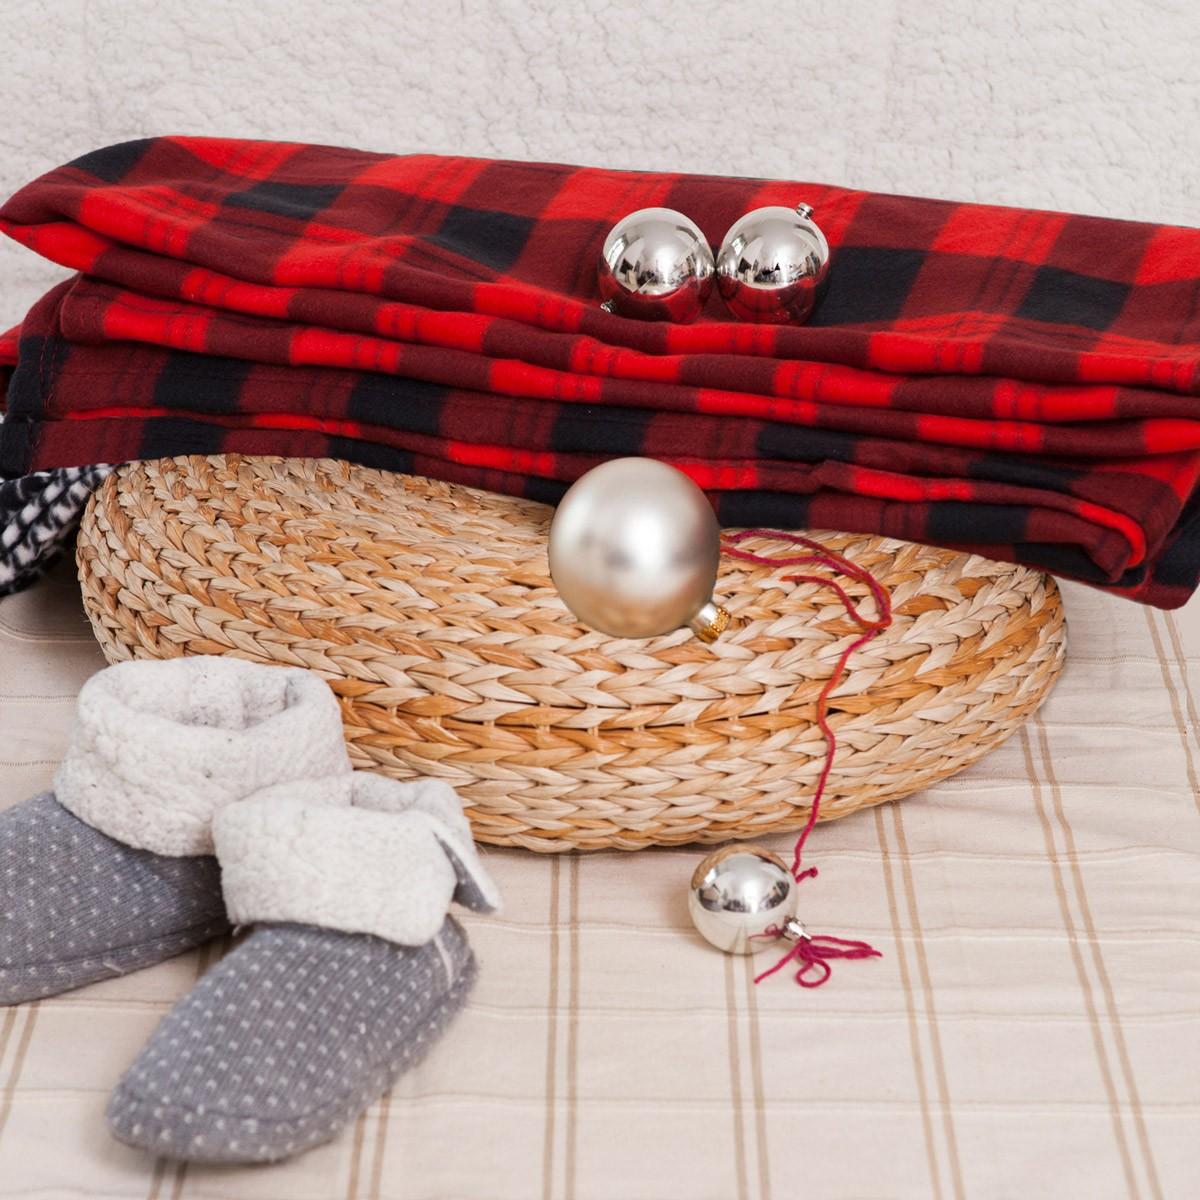 Κουβέρτα Fleece Υπέρδιπλη Melinen Checked Red